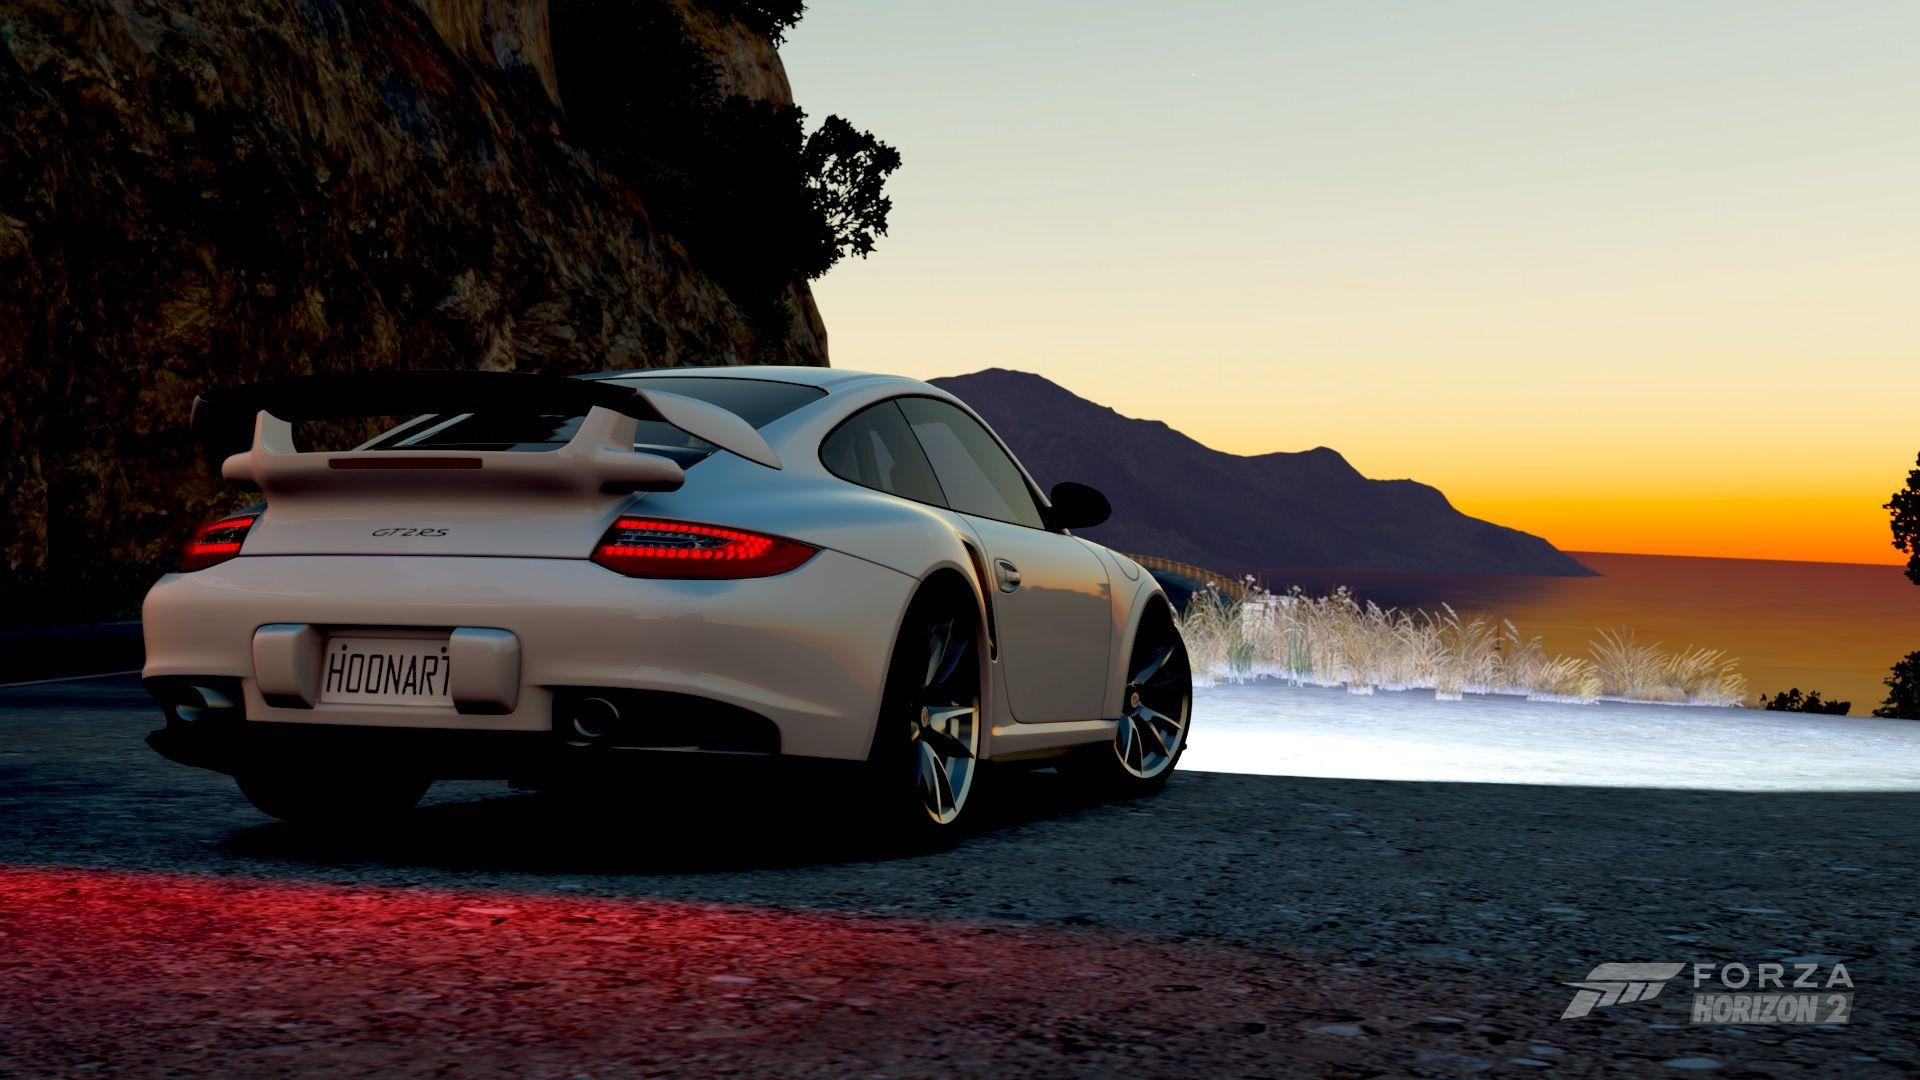 b49d1e08815cf65ec7351890aecfd441 Astounding Porsche 911 Gt2 Rs 2012 Cars Trend